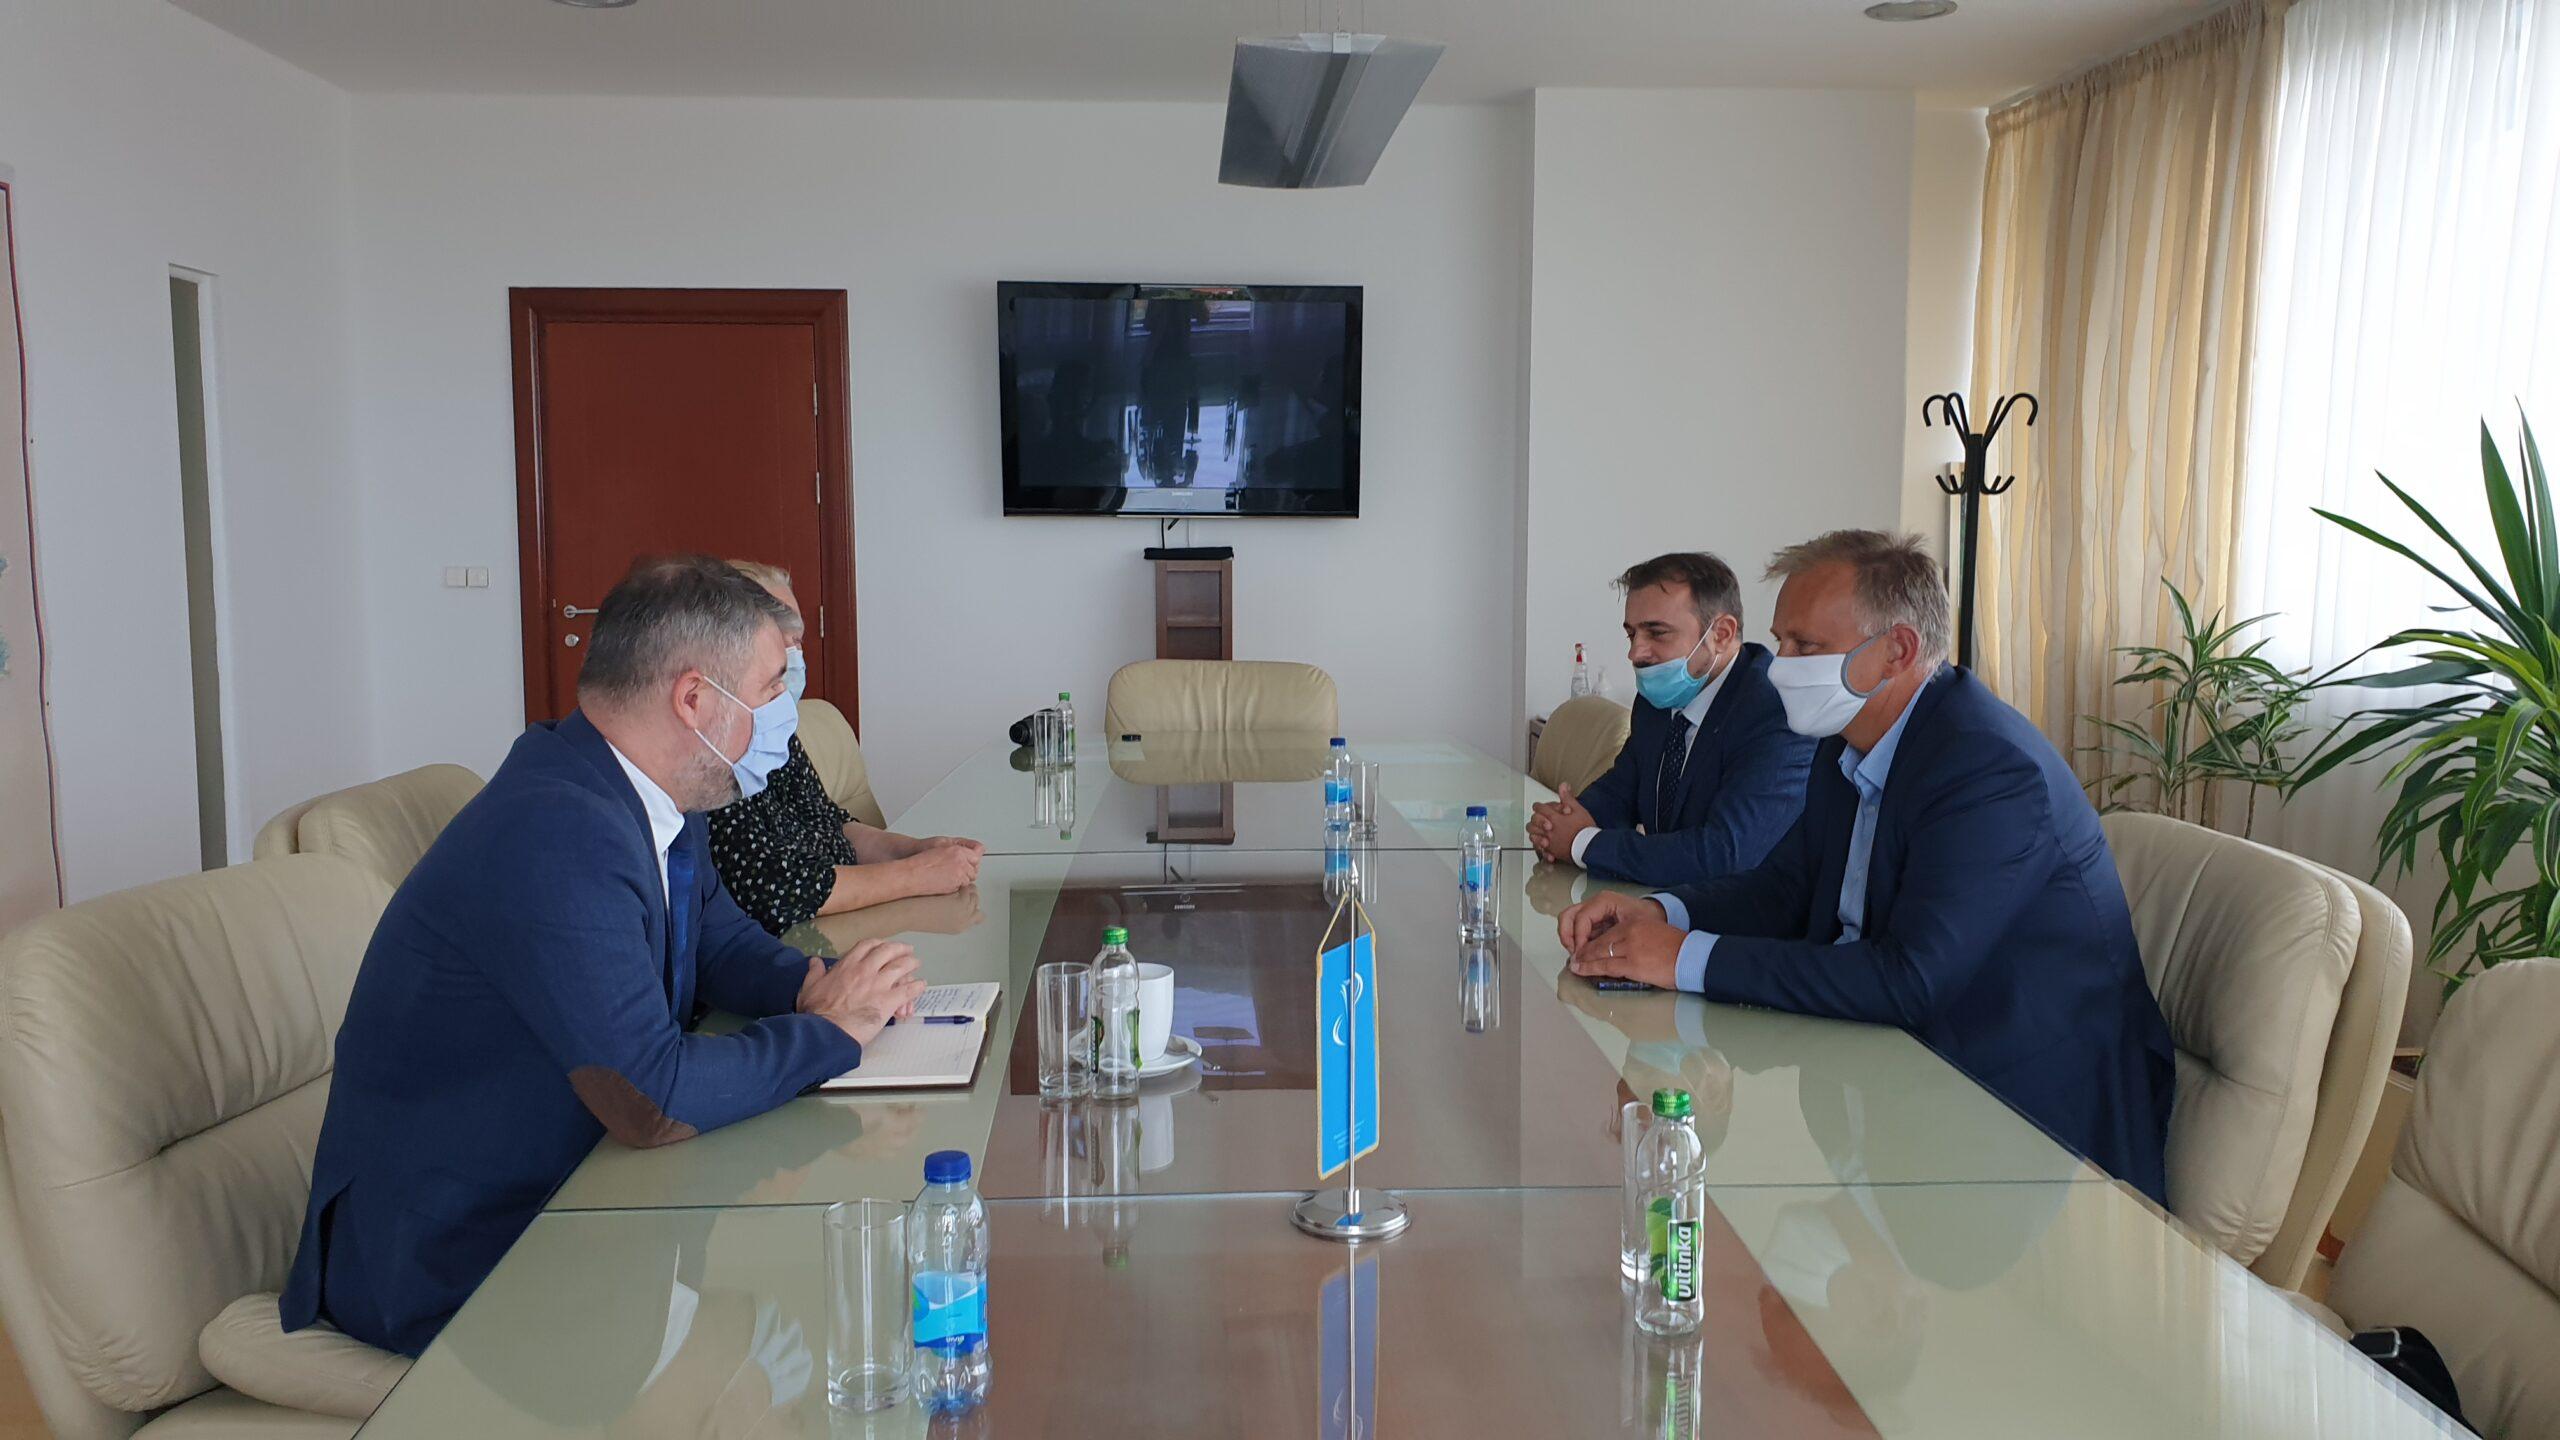 Održan sastanak sa predstavnicima Ministarstva zdravlja i socijalne zaštite